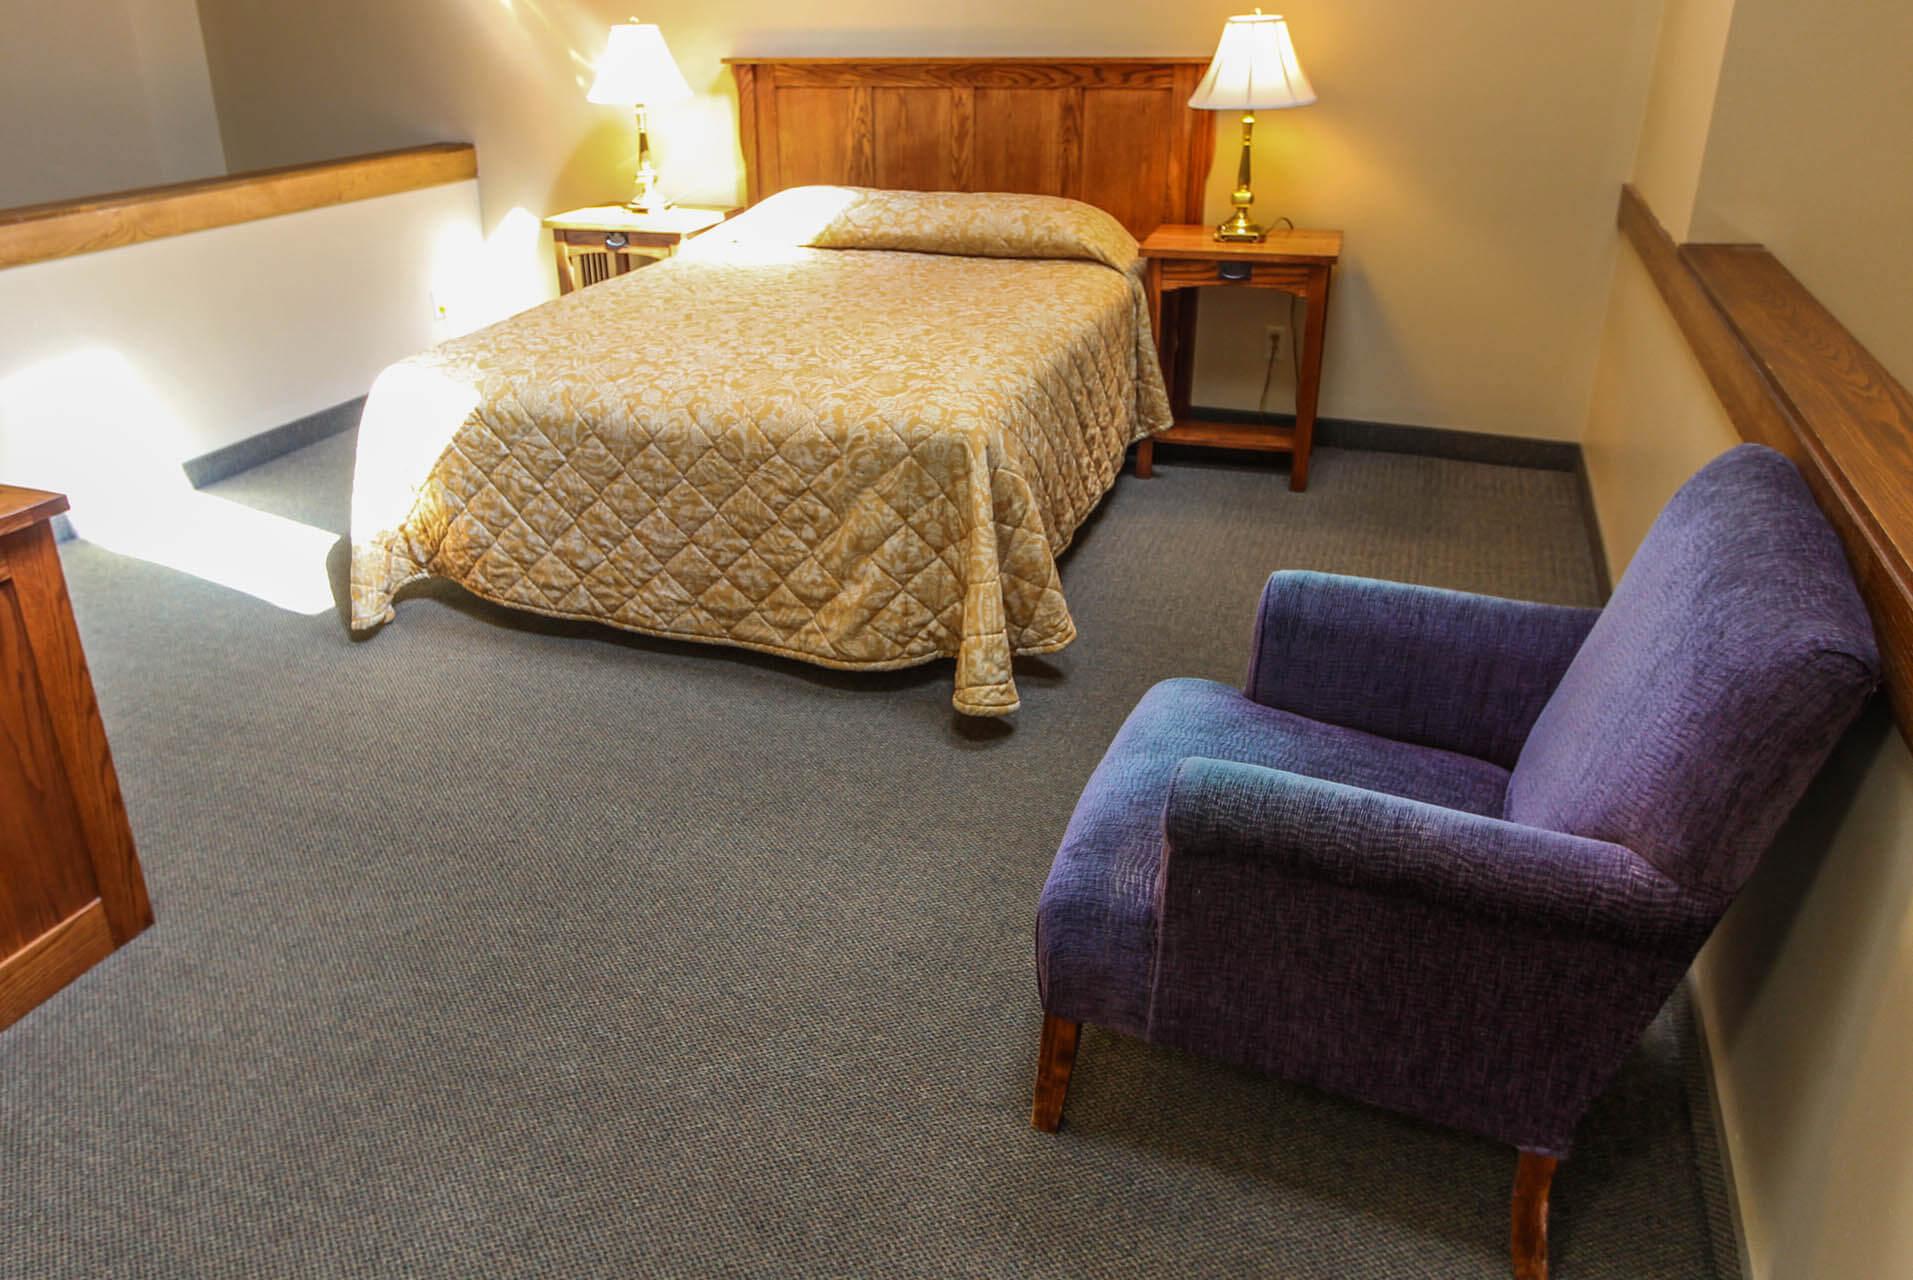 A loft with a queen bed at VRI's Powder Ridge Village in Eden, Utah.